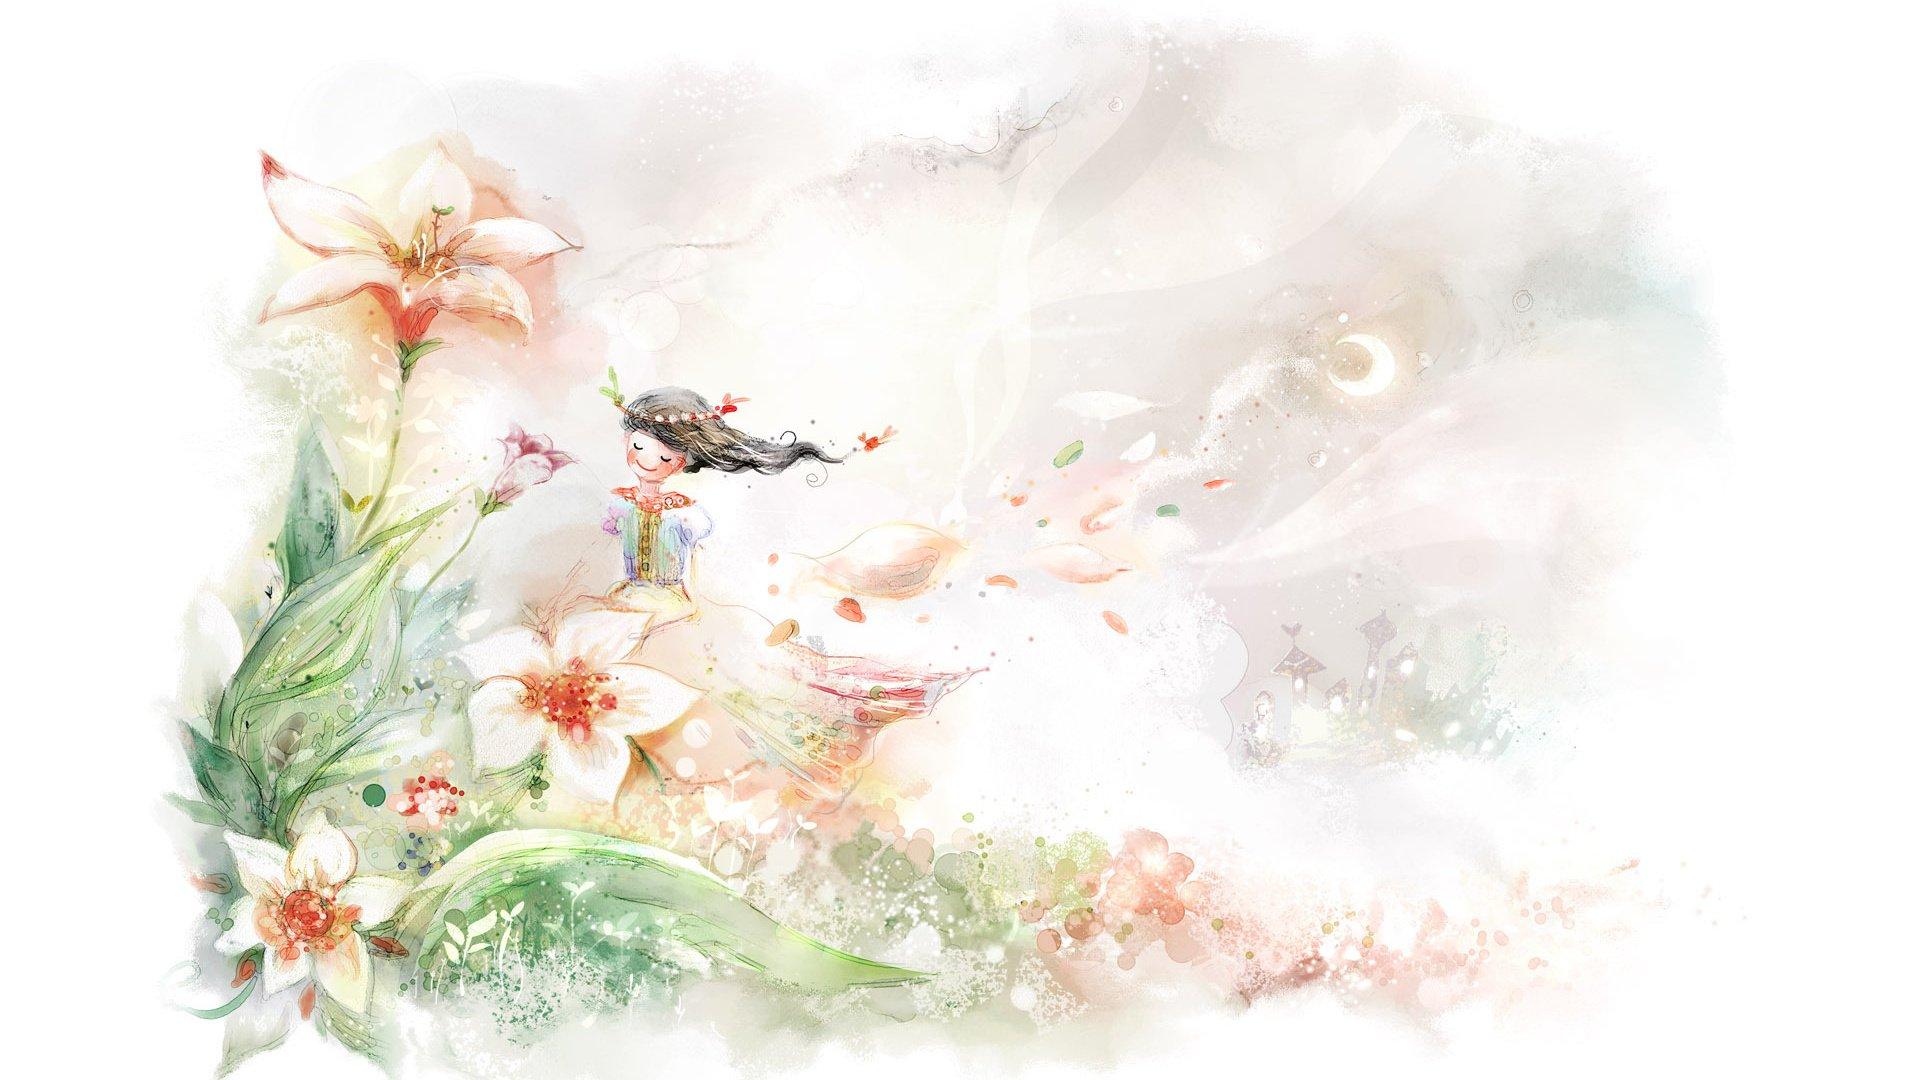 амулеты удачу нежные цветы картинка пнг что прикольные звонки